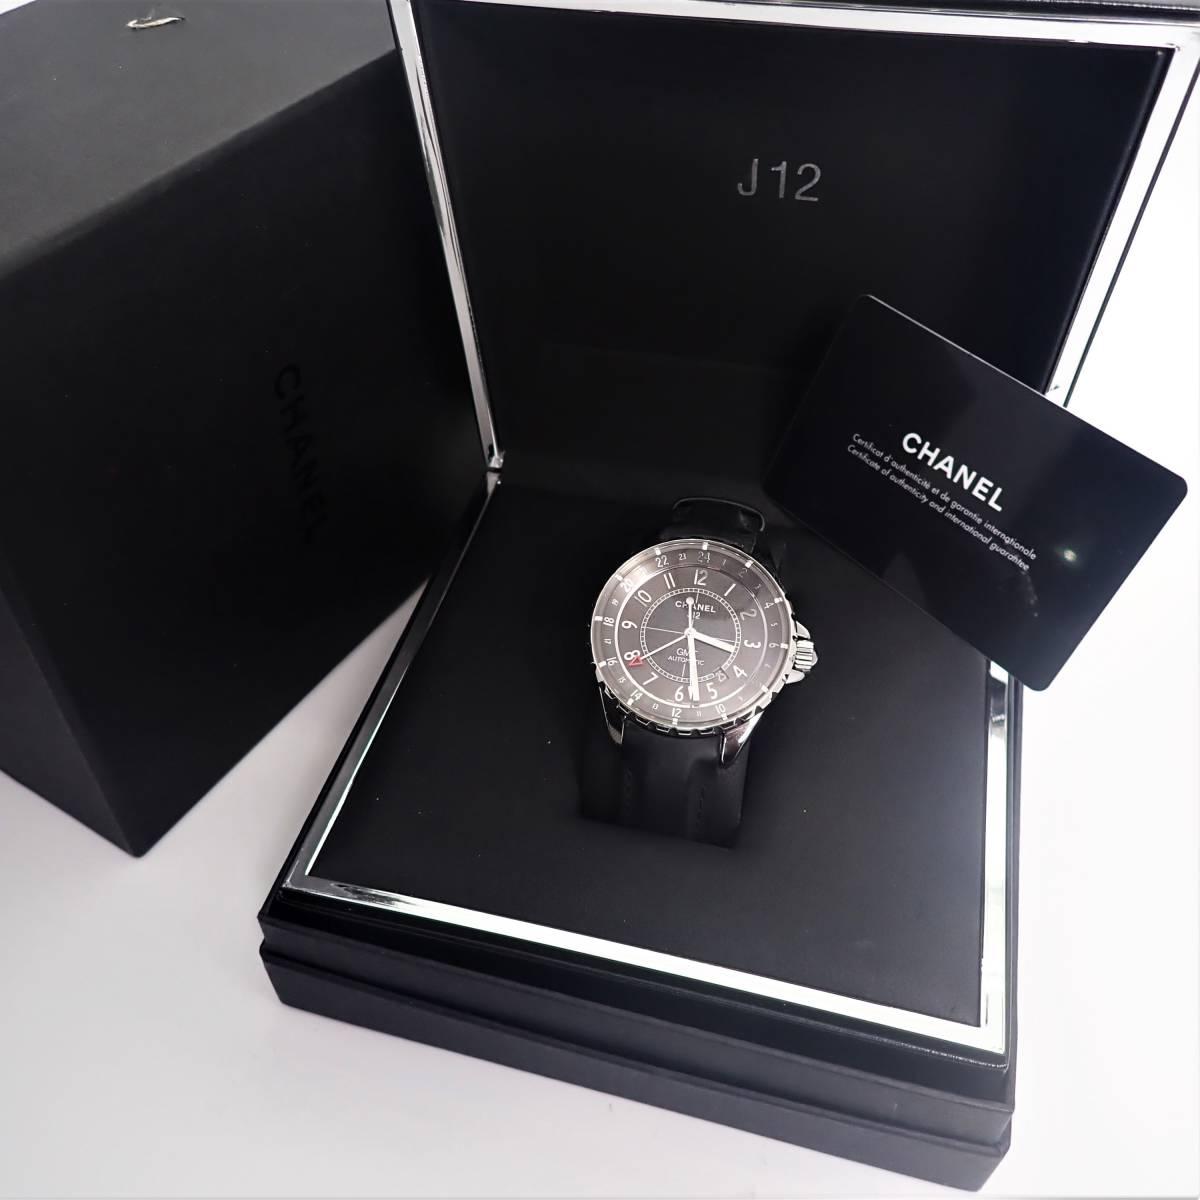 極美品・OH済 ◇ CHANEL J12 GMT H3099 シャネル メンズ 腕時計 クロマティック GMT グレー文字盤